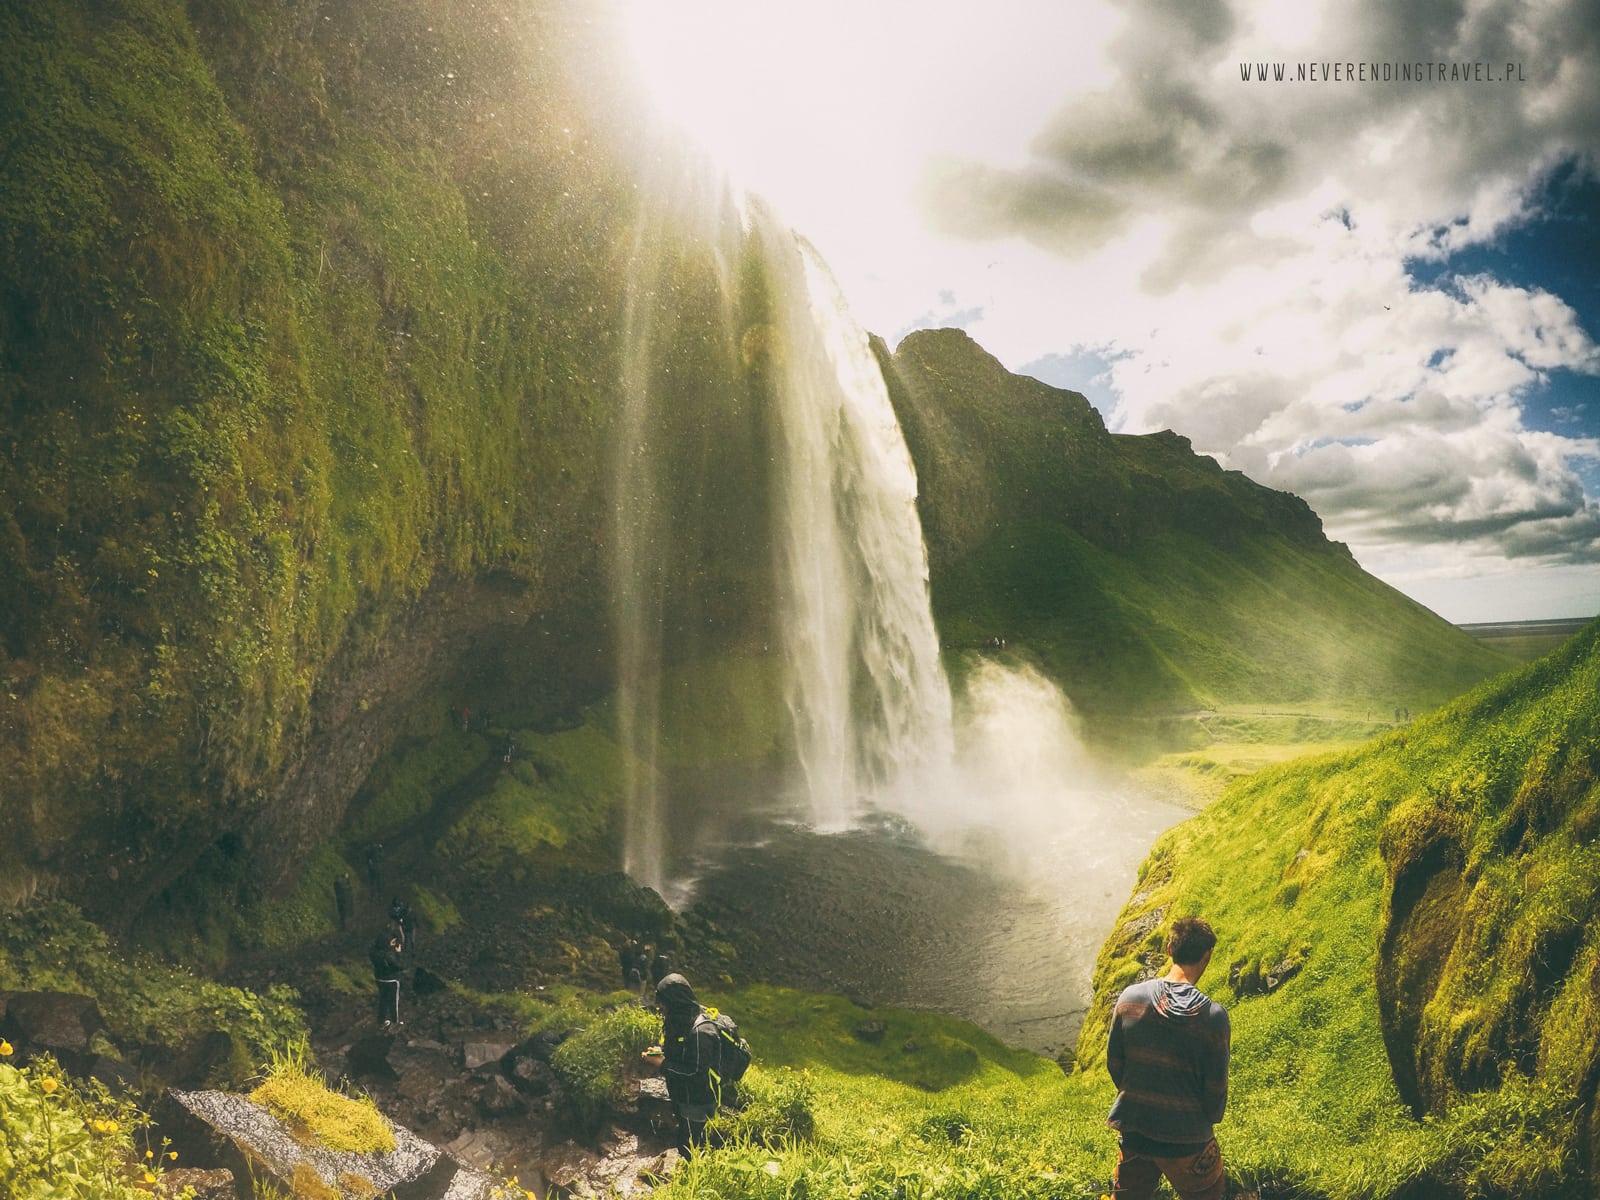 Seljalandsfoss islandzki wodospad neverendingtravel.pl widok wodospadu zza którego wyłania się słońce